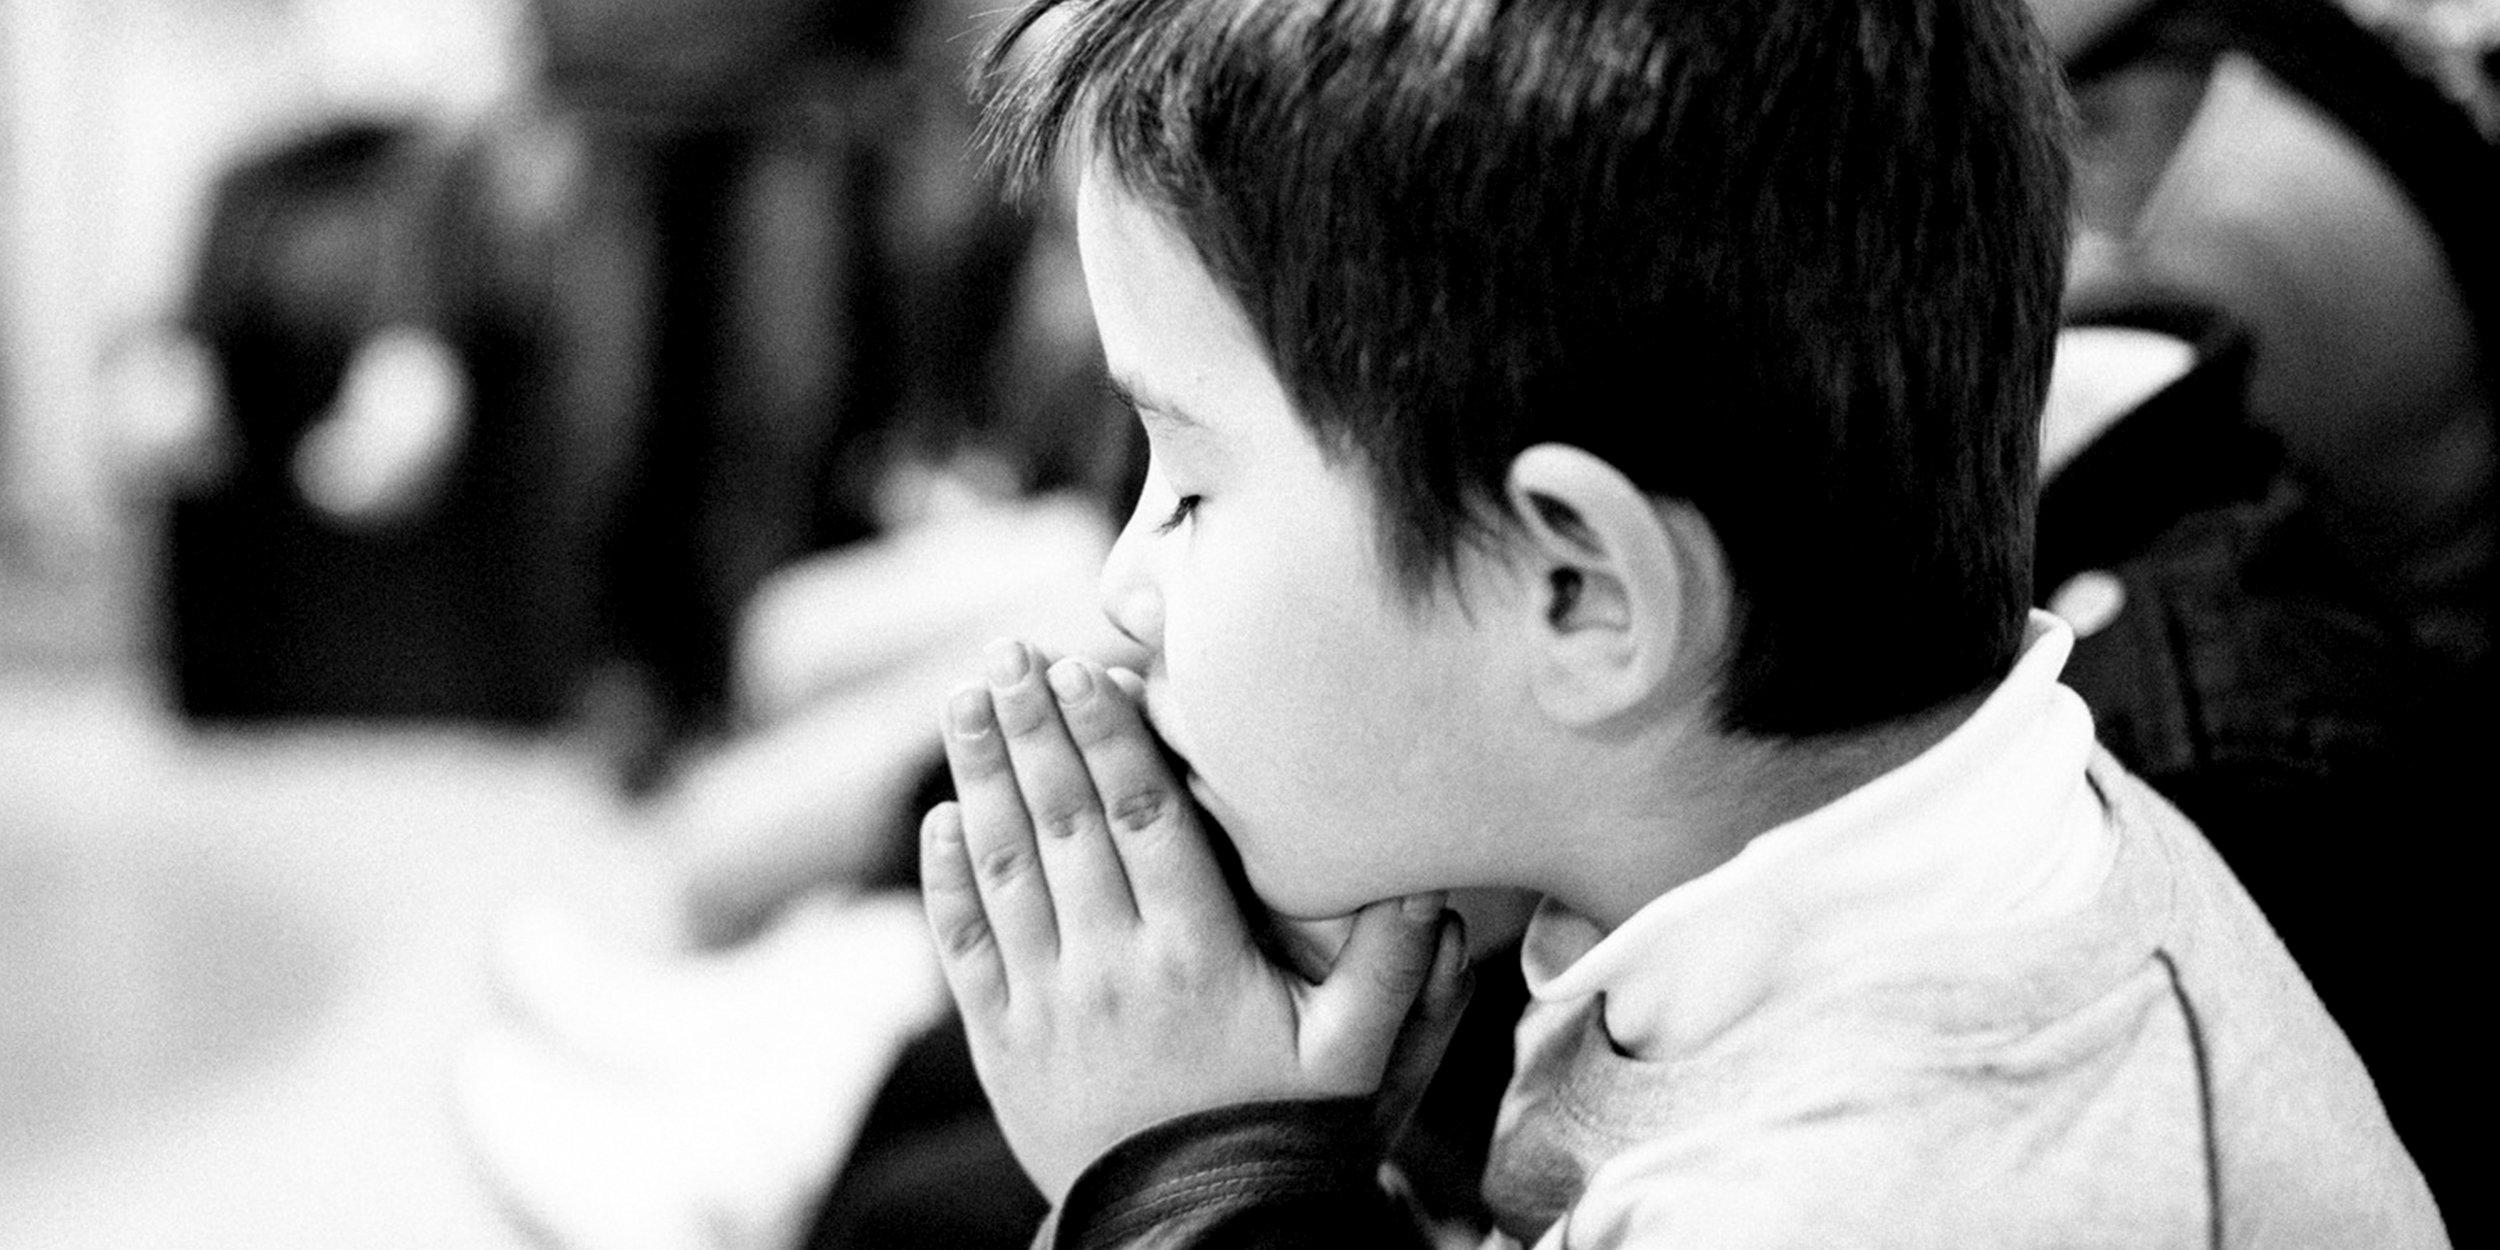 161110-blog-boy-praying.jpg